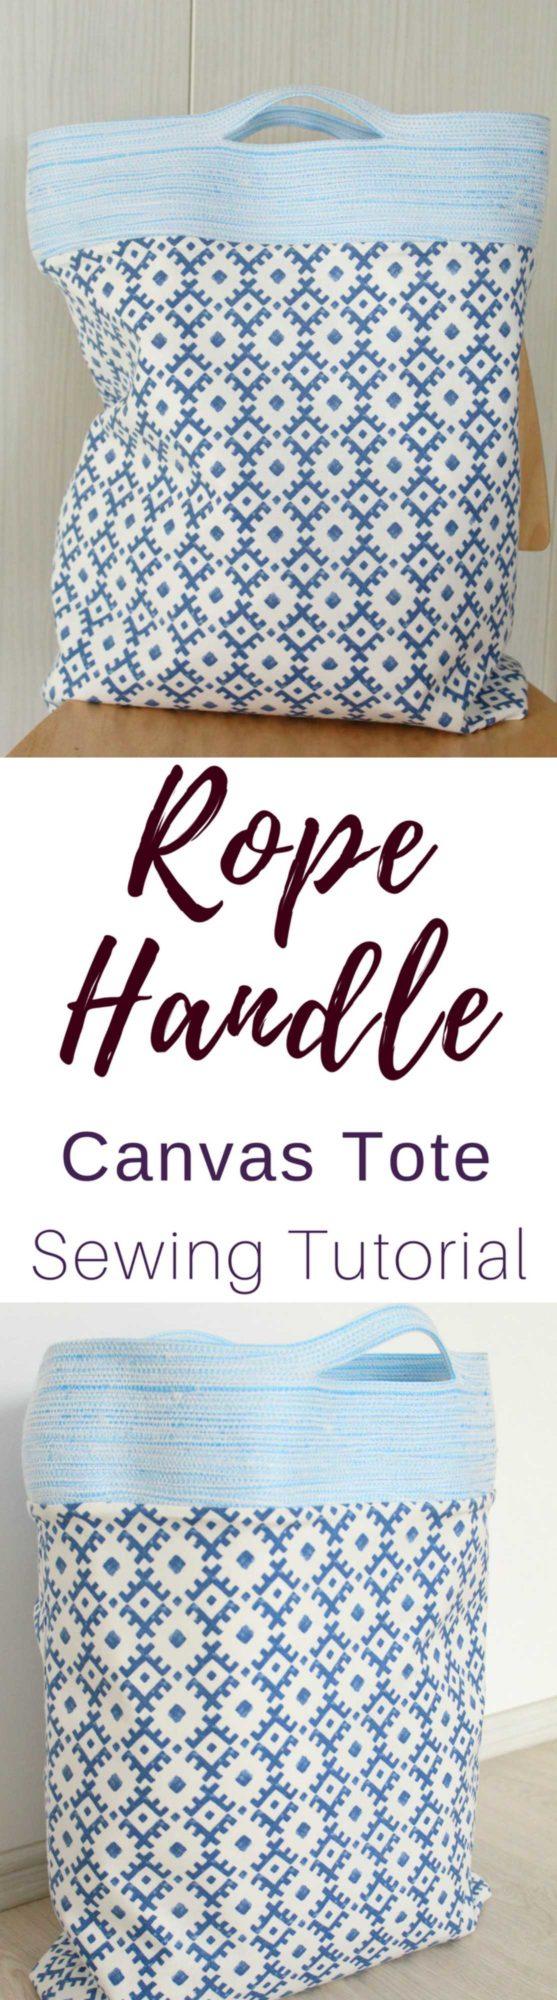 Rope handle tote bag